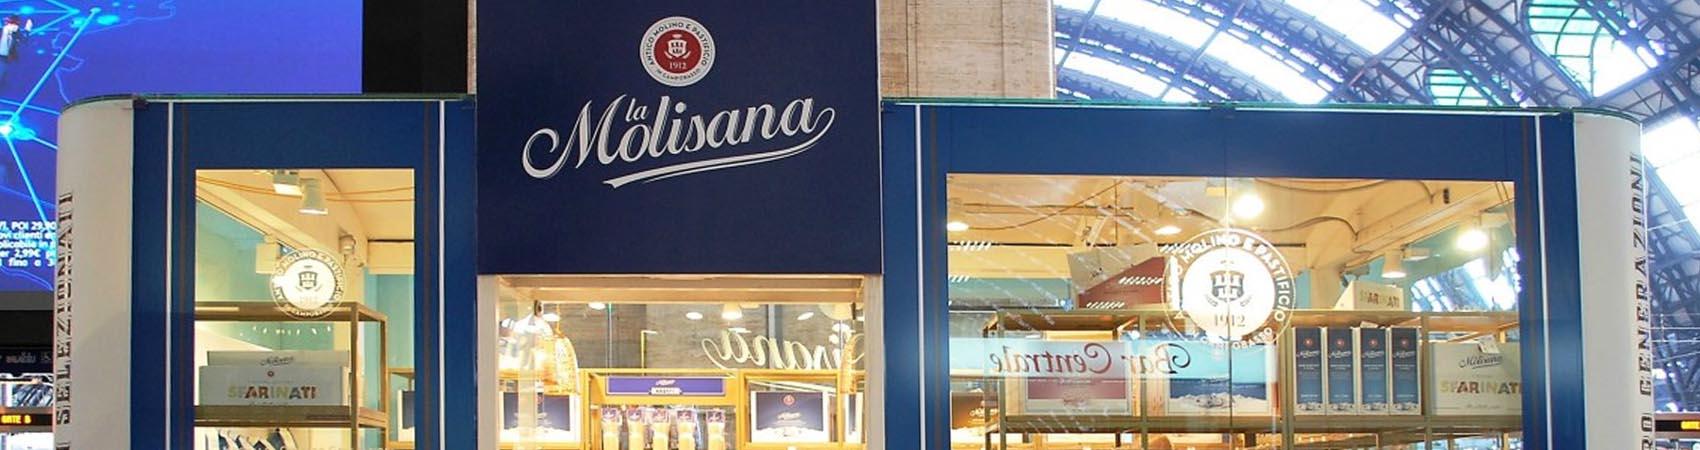 La Molisana: nel temporary store a Roma Termini si parla di pasta e si brinda alla bontà